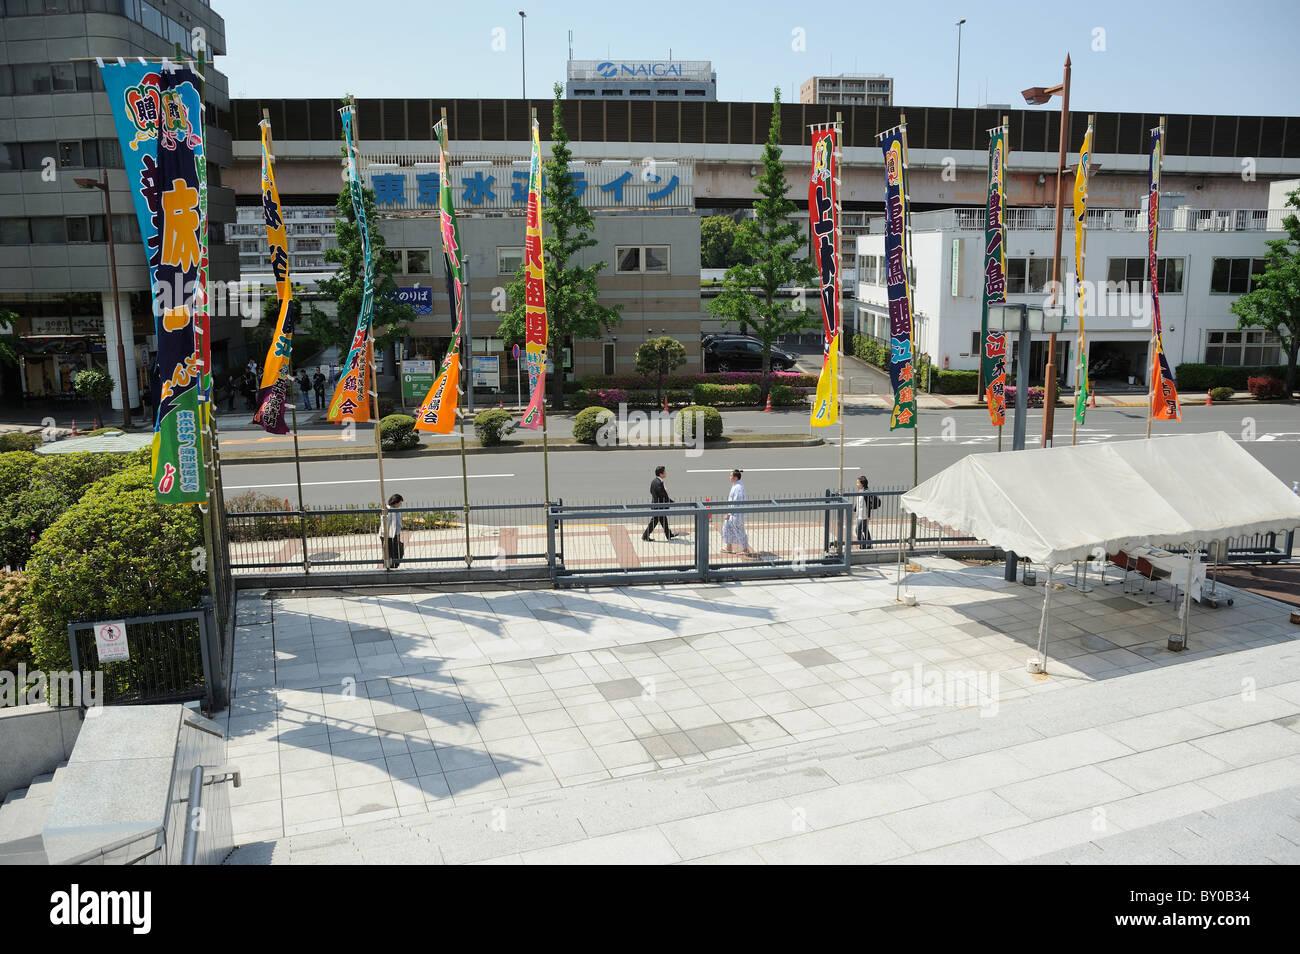 Bandiere annunciando i Grandi Campionati di Sumo maggio 2010, Ryogoku Kokugikan, Tokyo, Giappone Foto Stock